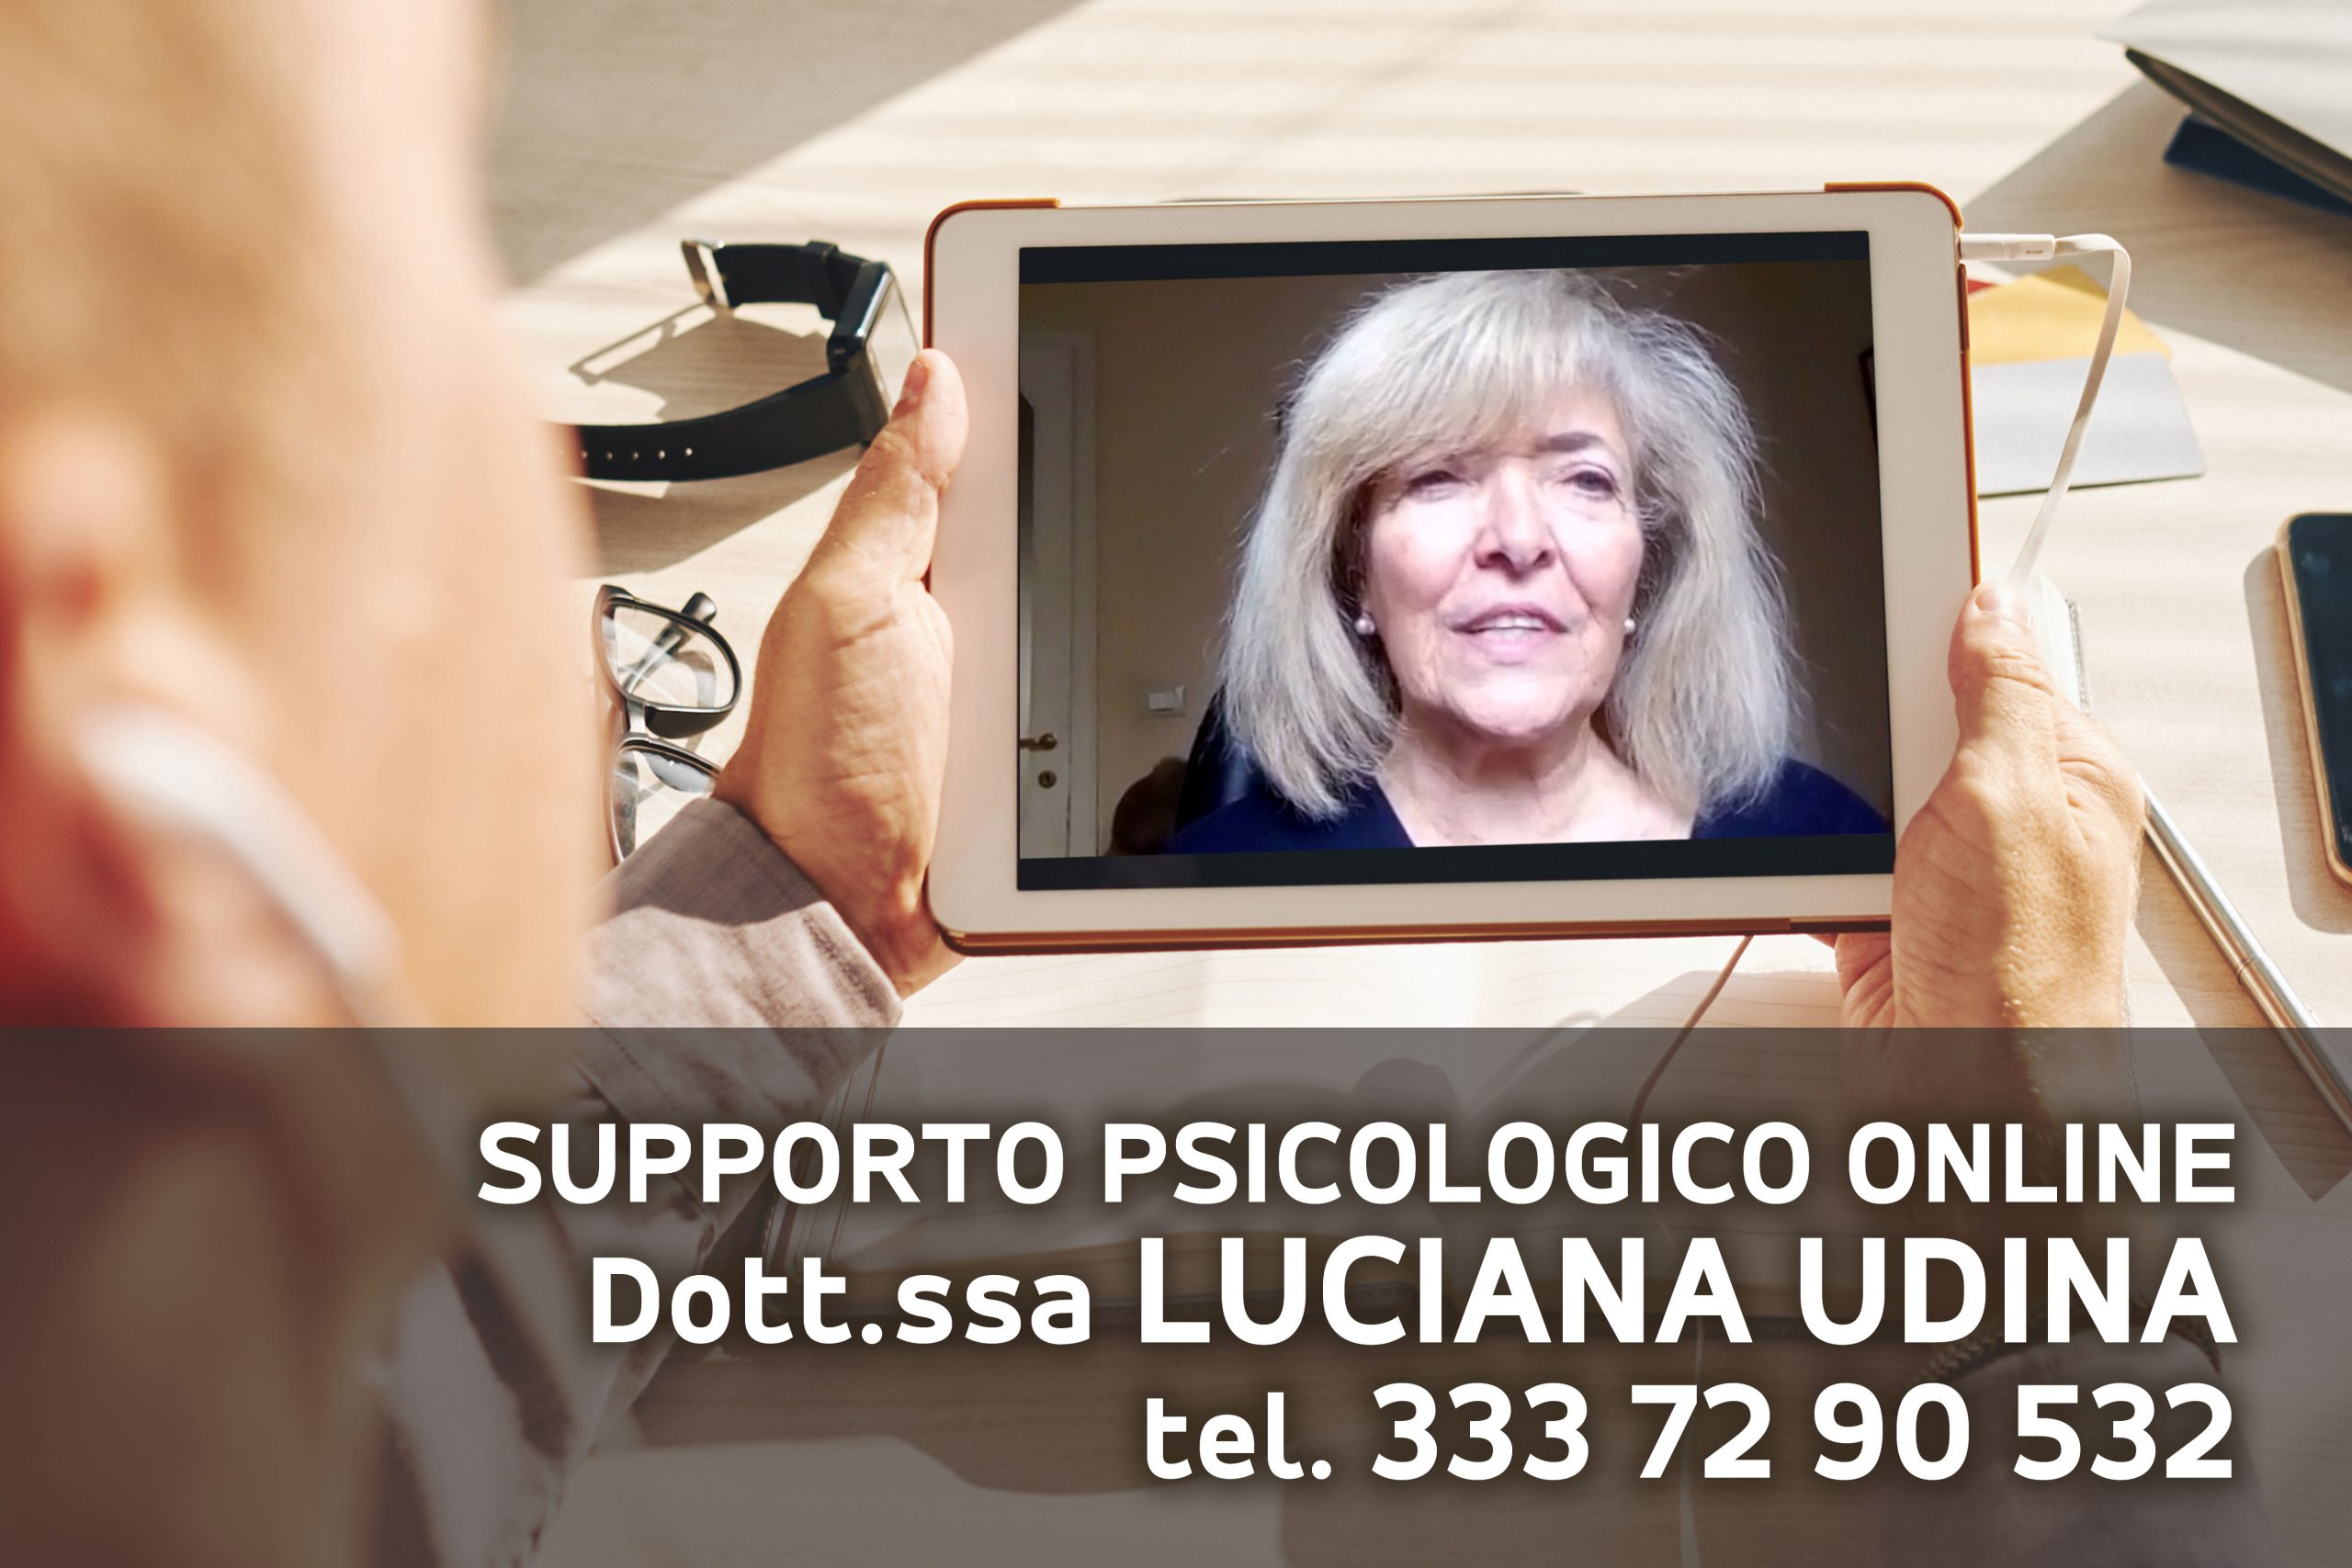 Luciana Udina Psicologa Trieste Supporto Online e Clinico